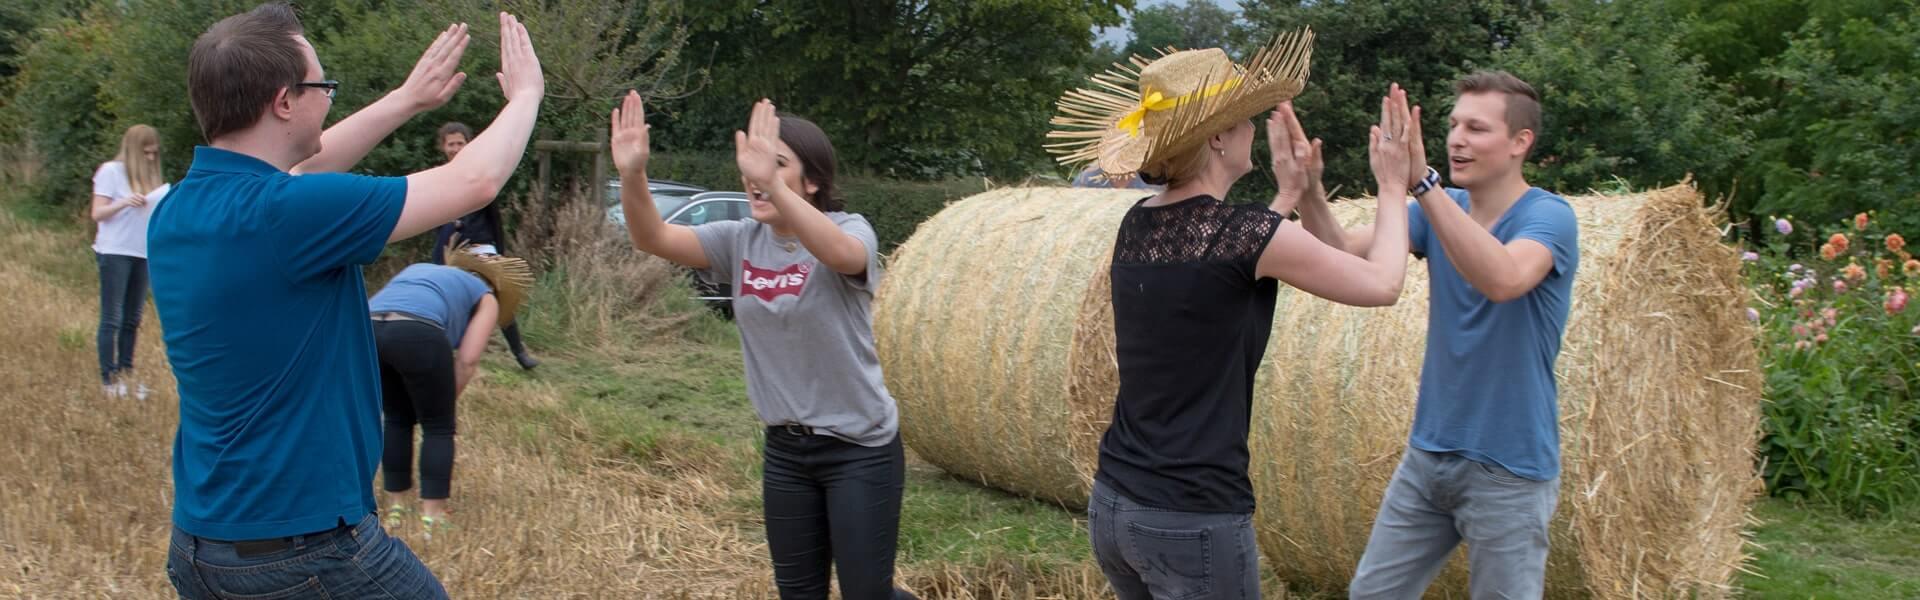 Teamtag auf dem Bauernhof mit Bauernhof Olympiade ist es das perfekte Teambuilding mit b-ceed